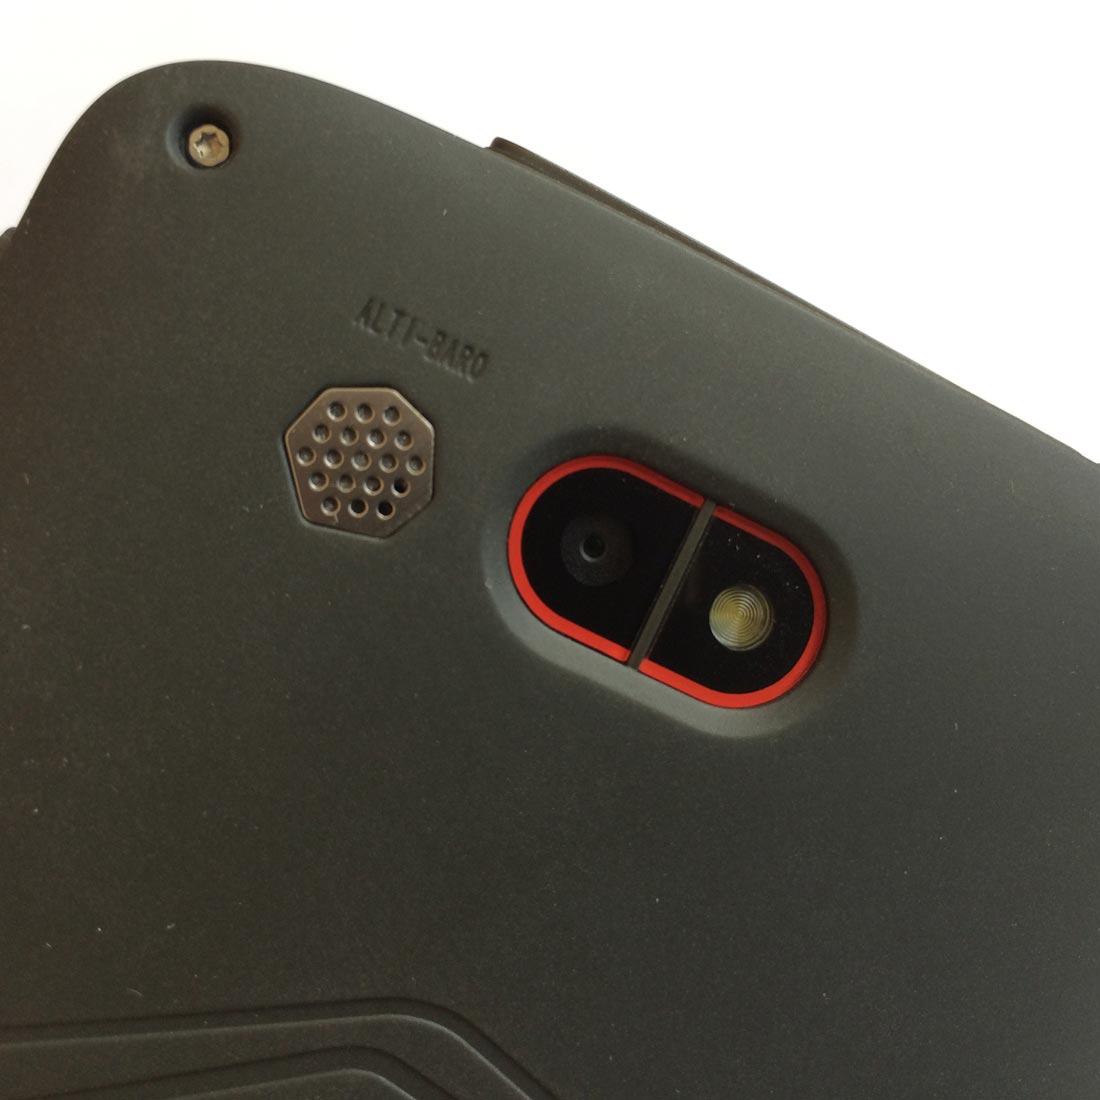 Le smartphone Quechua Phone 5 : son alti-baromètre au dos. Ph. Moctar KANE.